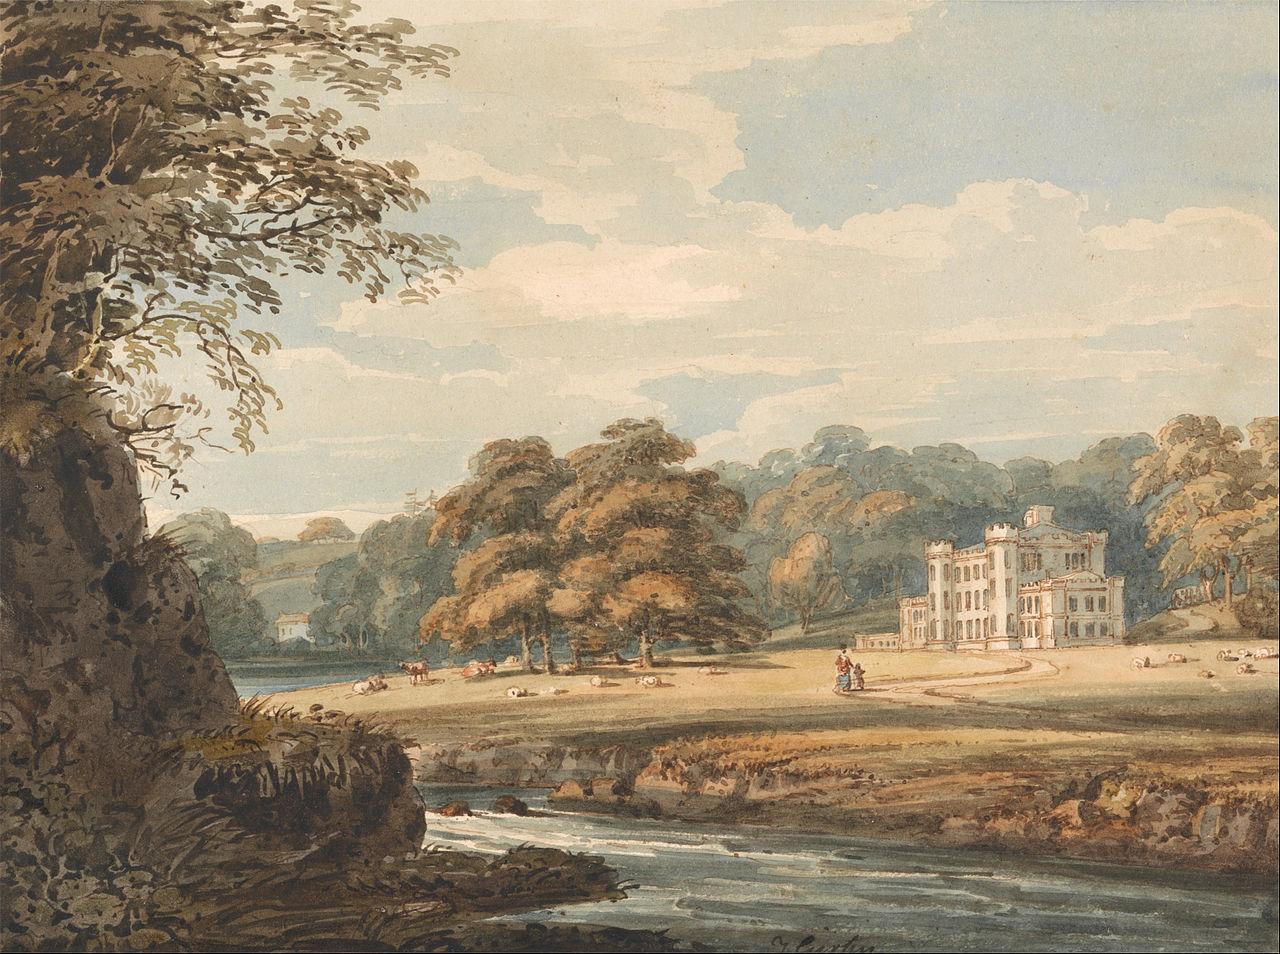 Томас Гёртин. Чалфонт Хаус. 1796.